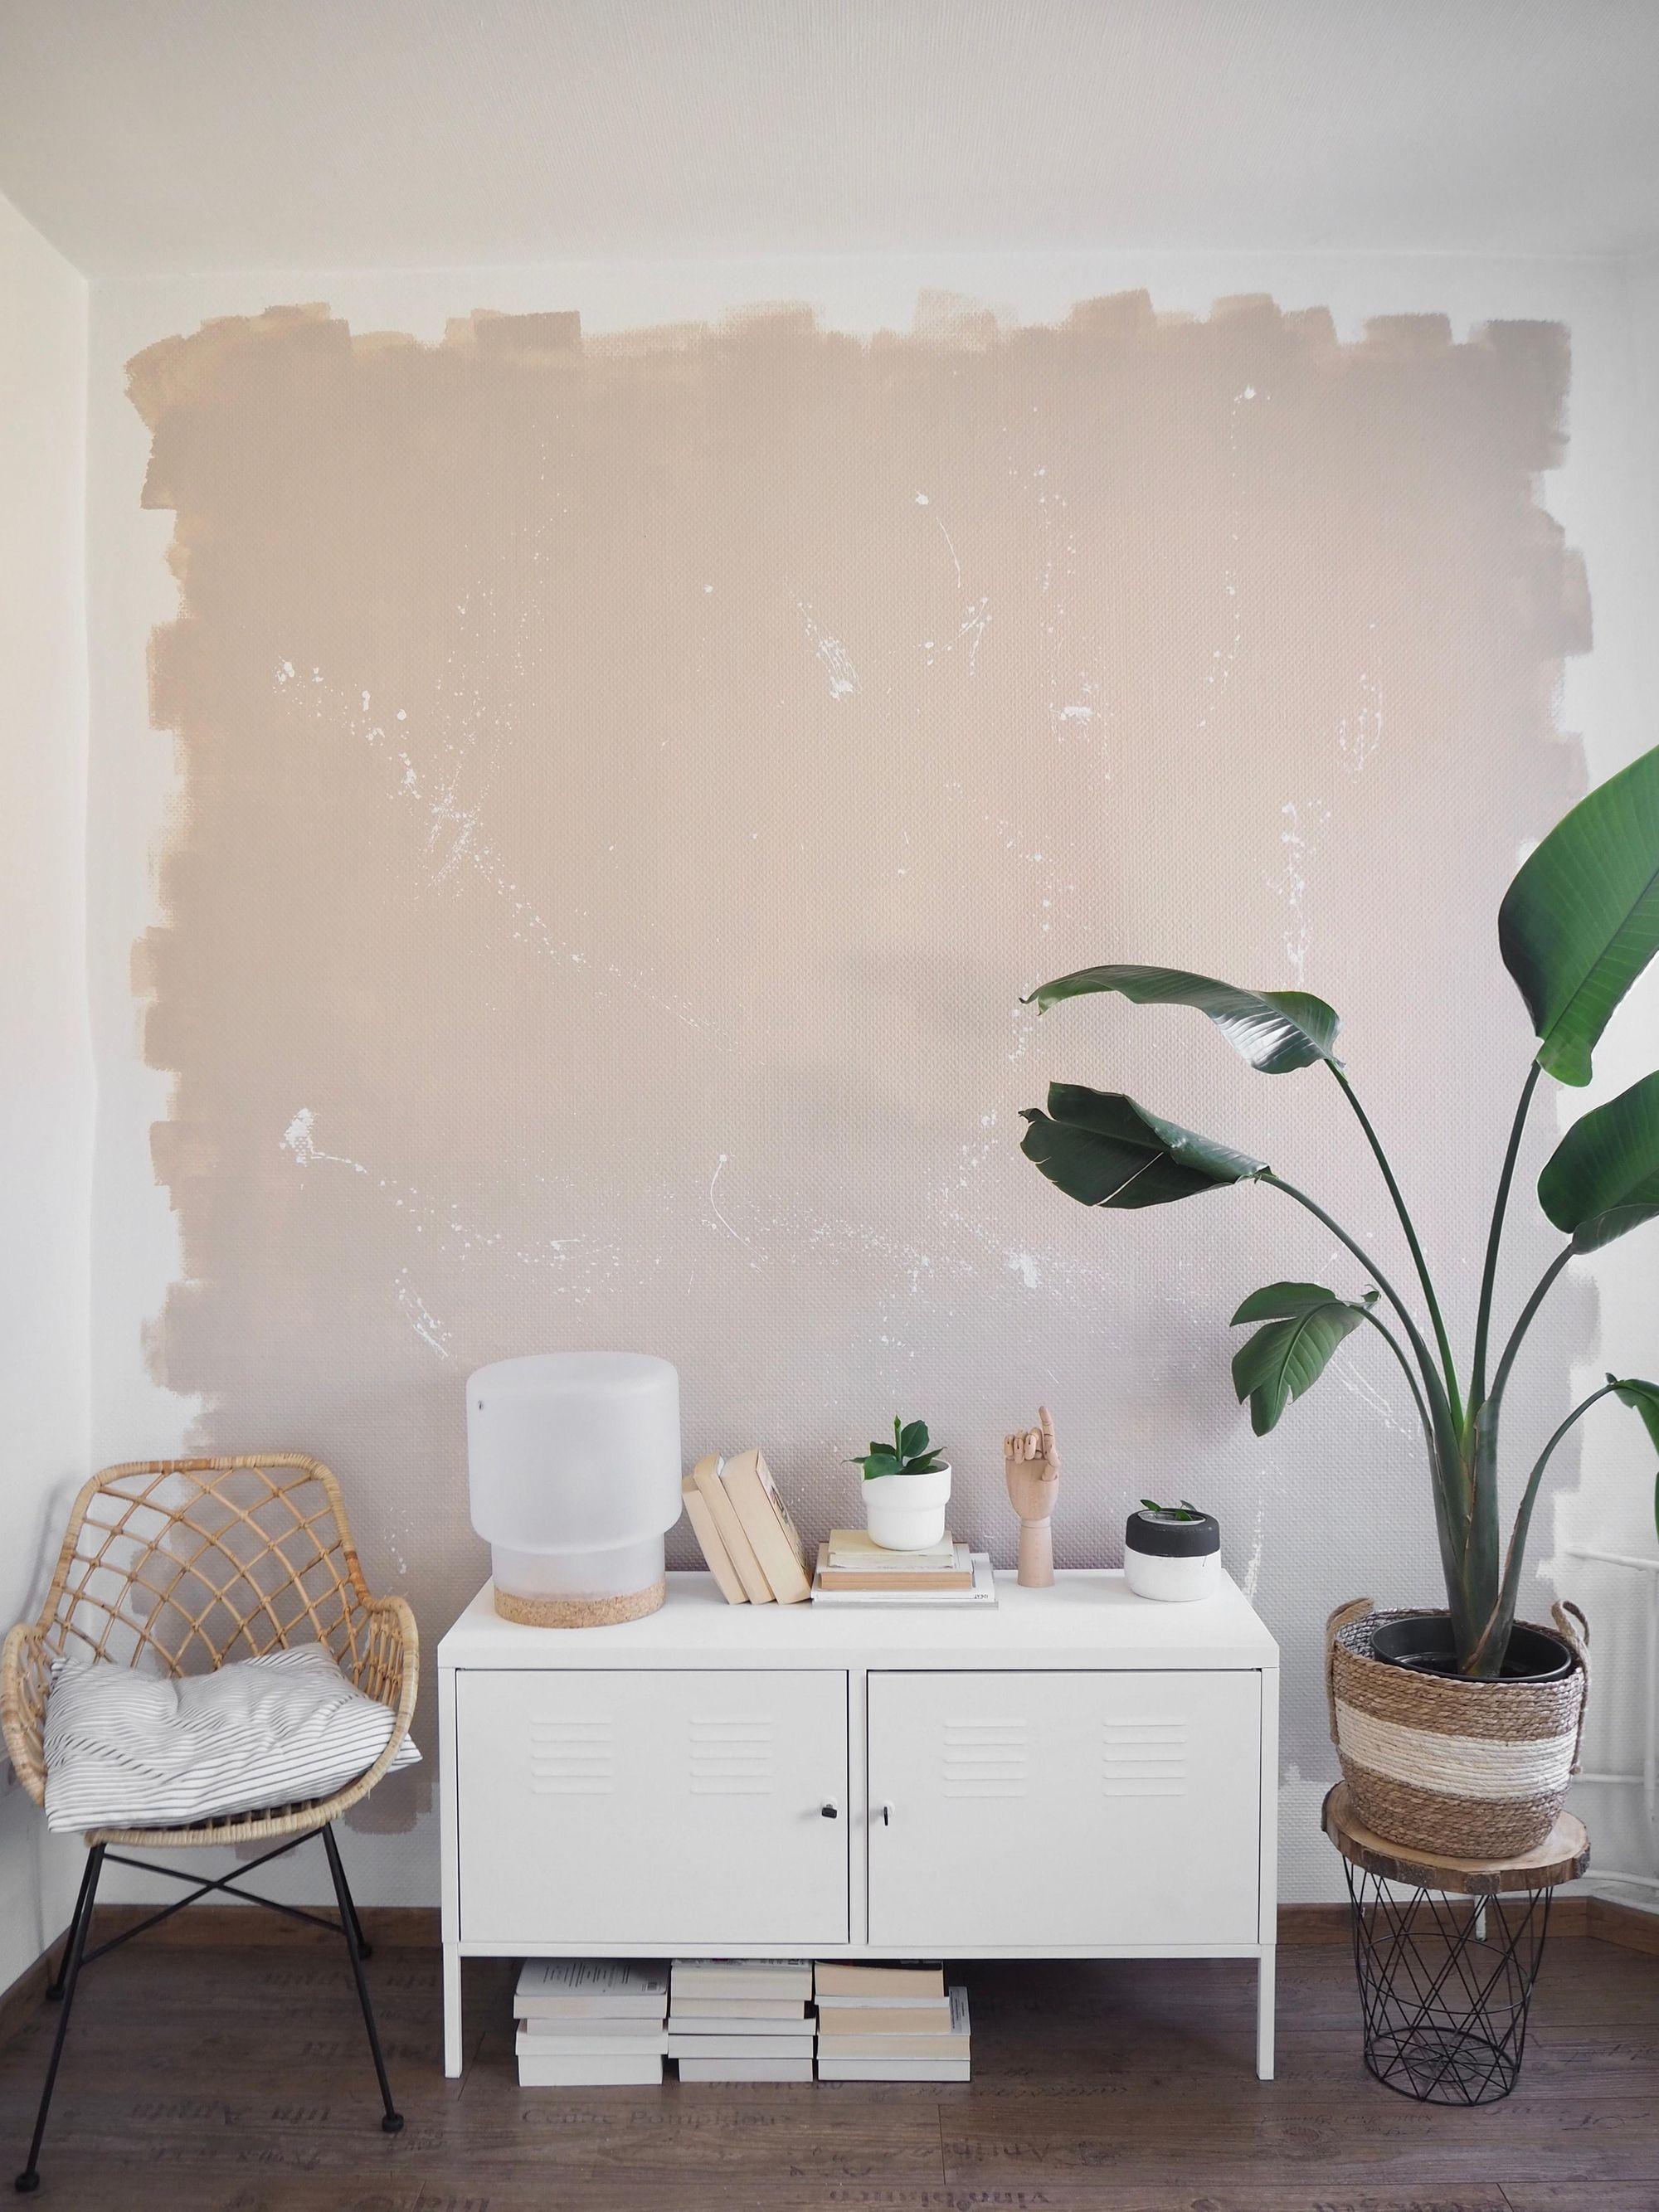 Neue Wandgestaltung Undonelook Wandfarbe Wandgest Wandgestaltung Jugendzimmer Beige Wände Wohnzimmer Streichen